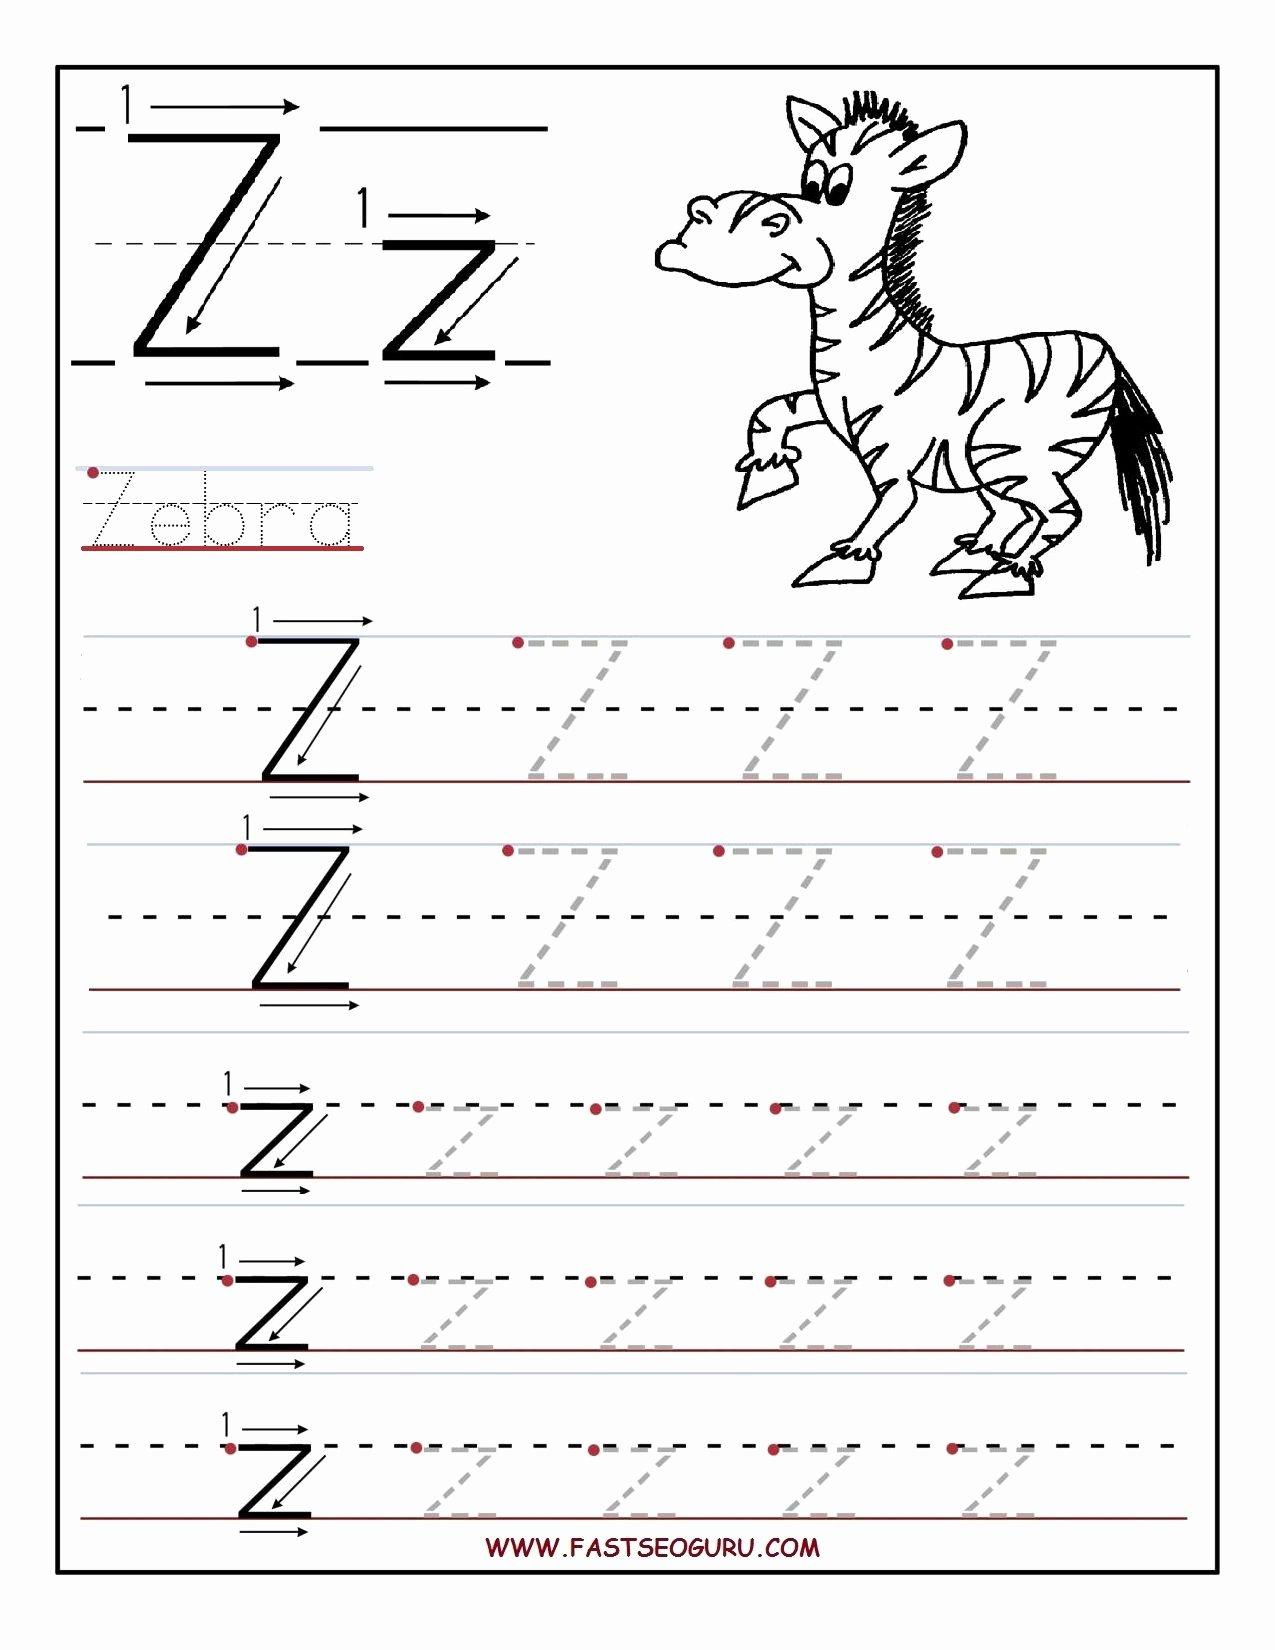 Letter Z Worksheets for Preschoolers Free Printable Letter Z Tracing Worksheets for Preschool